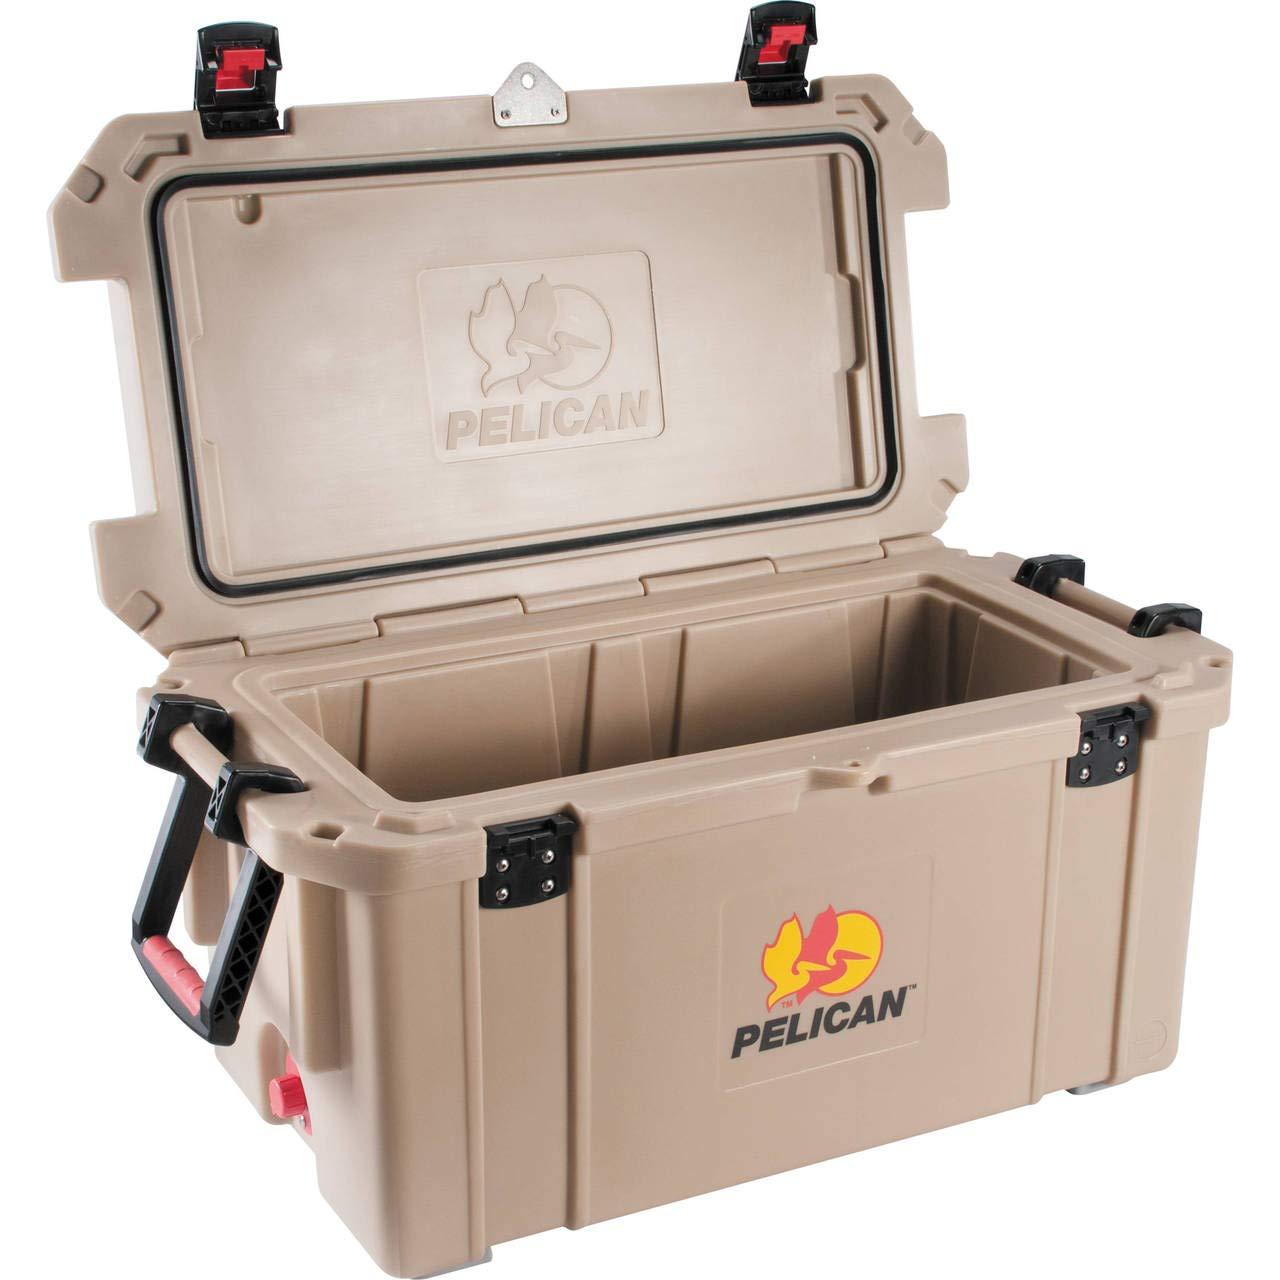 65 quart pelican cooler